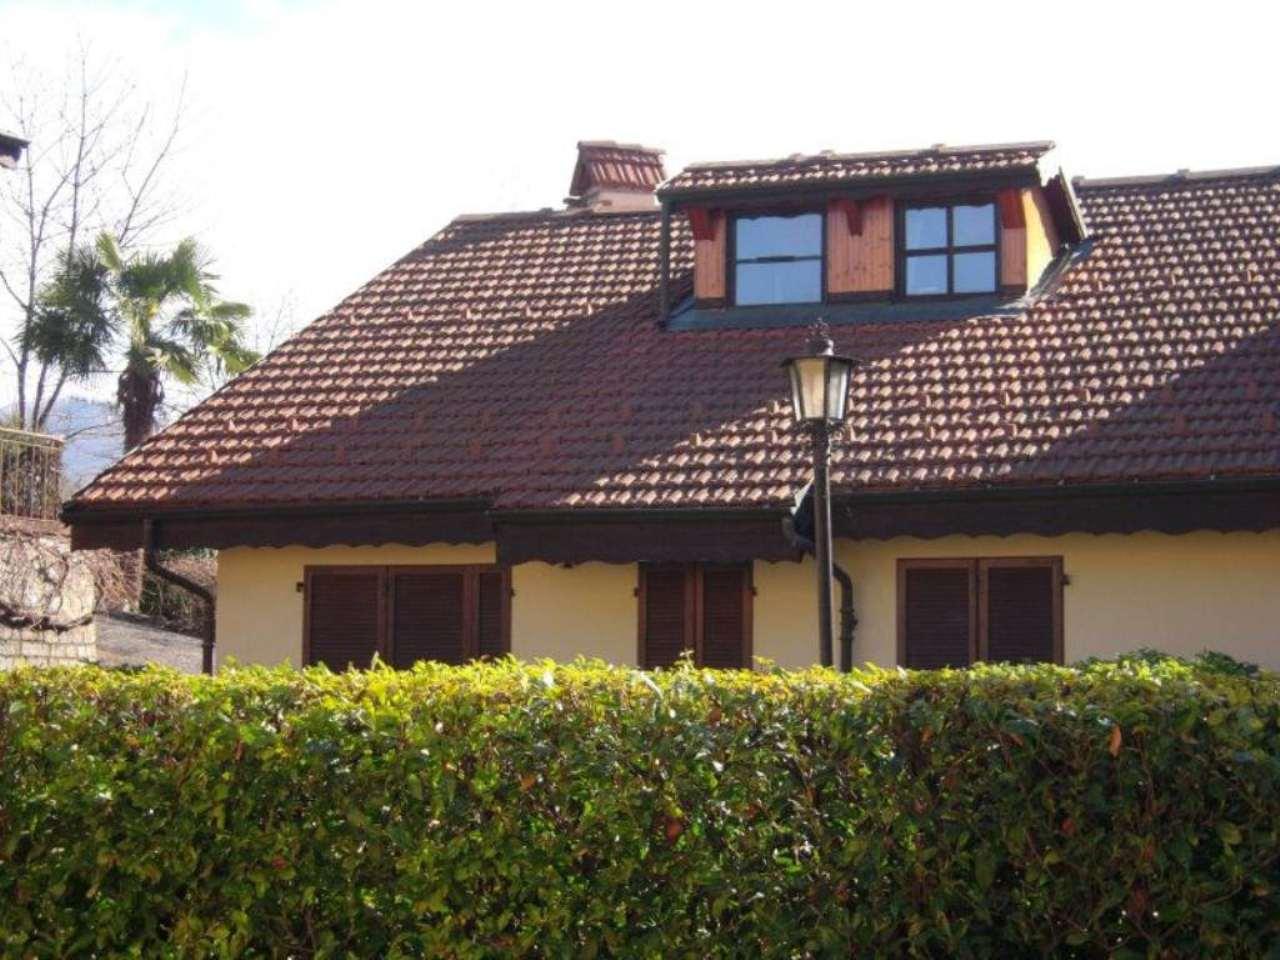 Villa in affitto a Torino, 5 locali, zona Zona: 5 . Collina, Precollina, Crimea, Borgo Po, Granmadre, Madonna del Pilone, prezzo € 900 | Cambio Casa.it